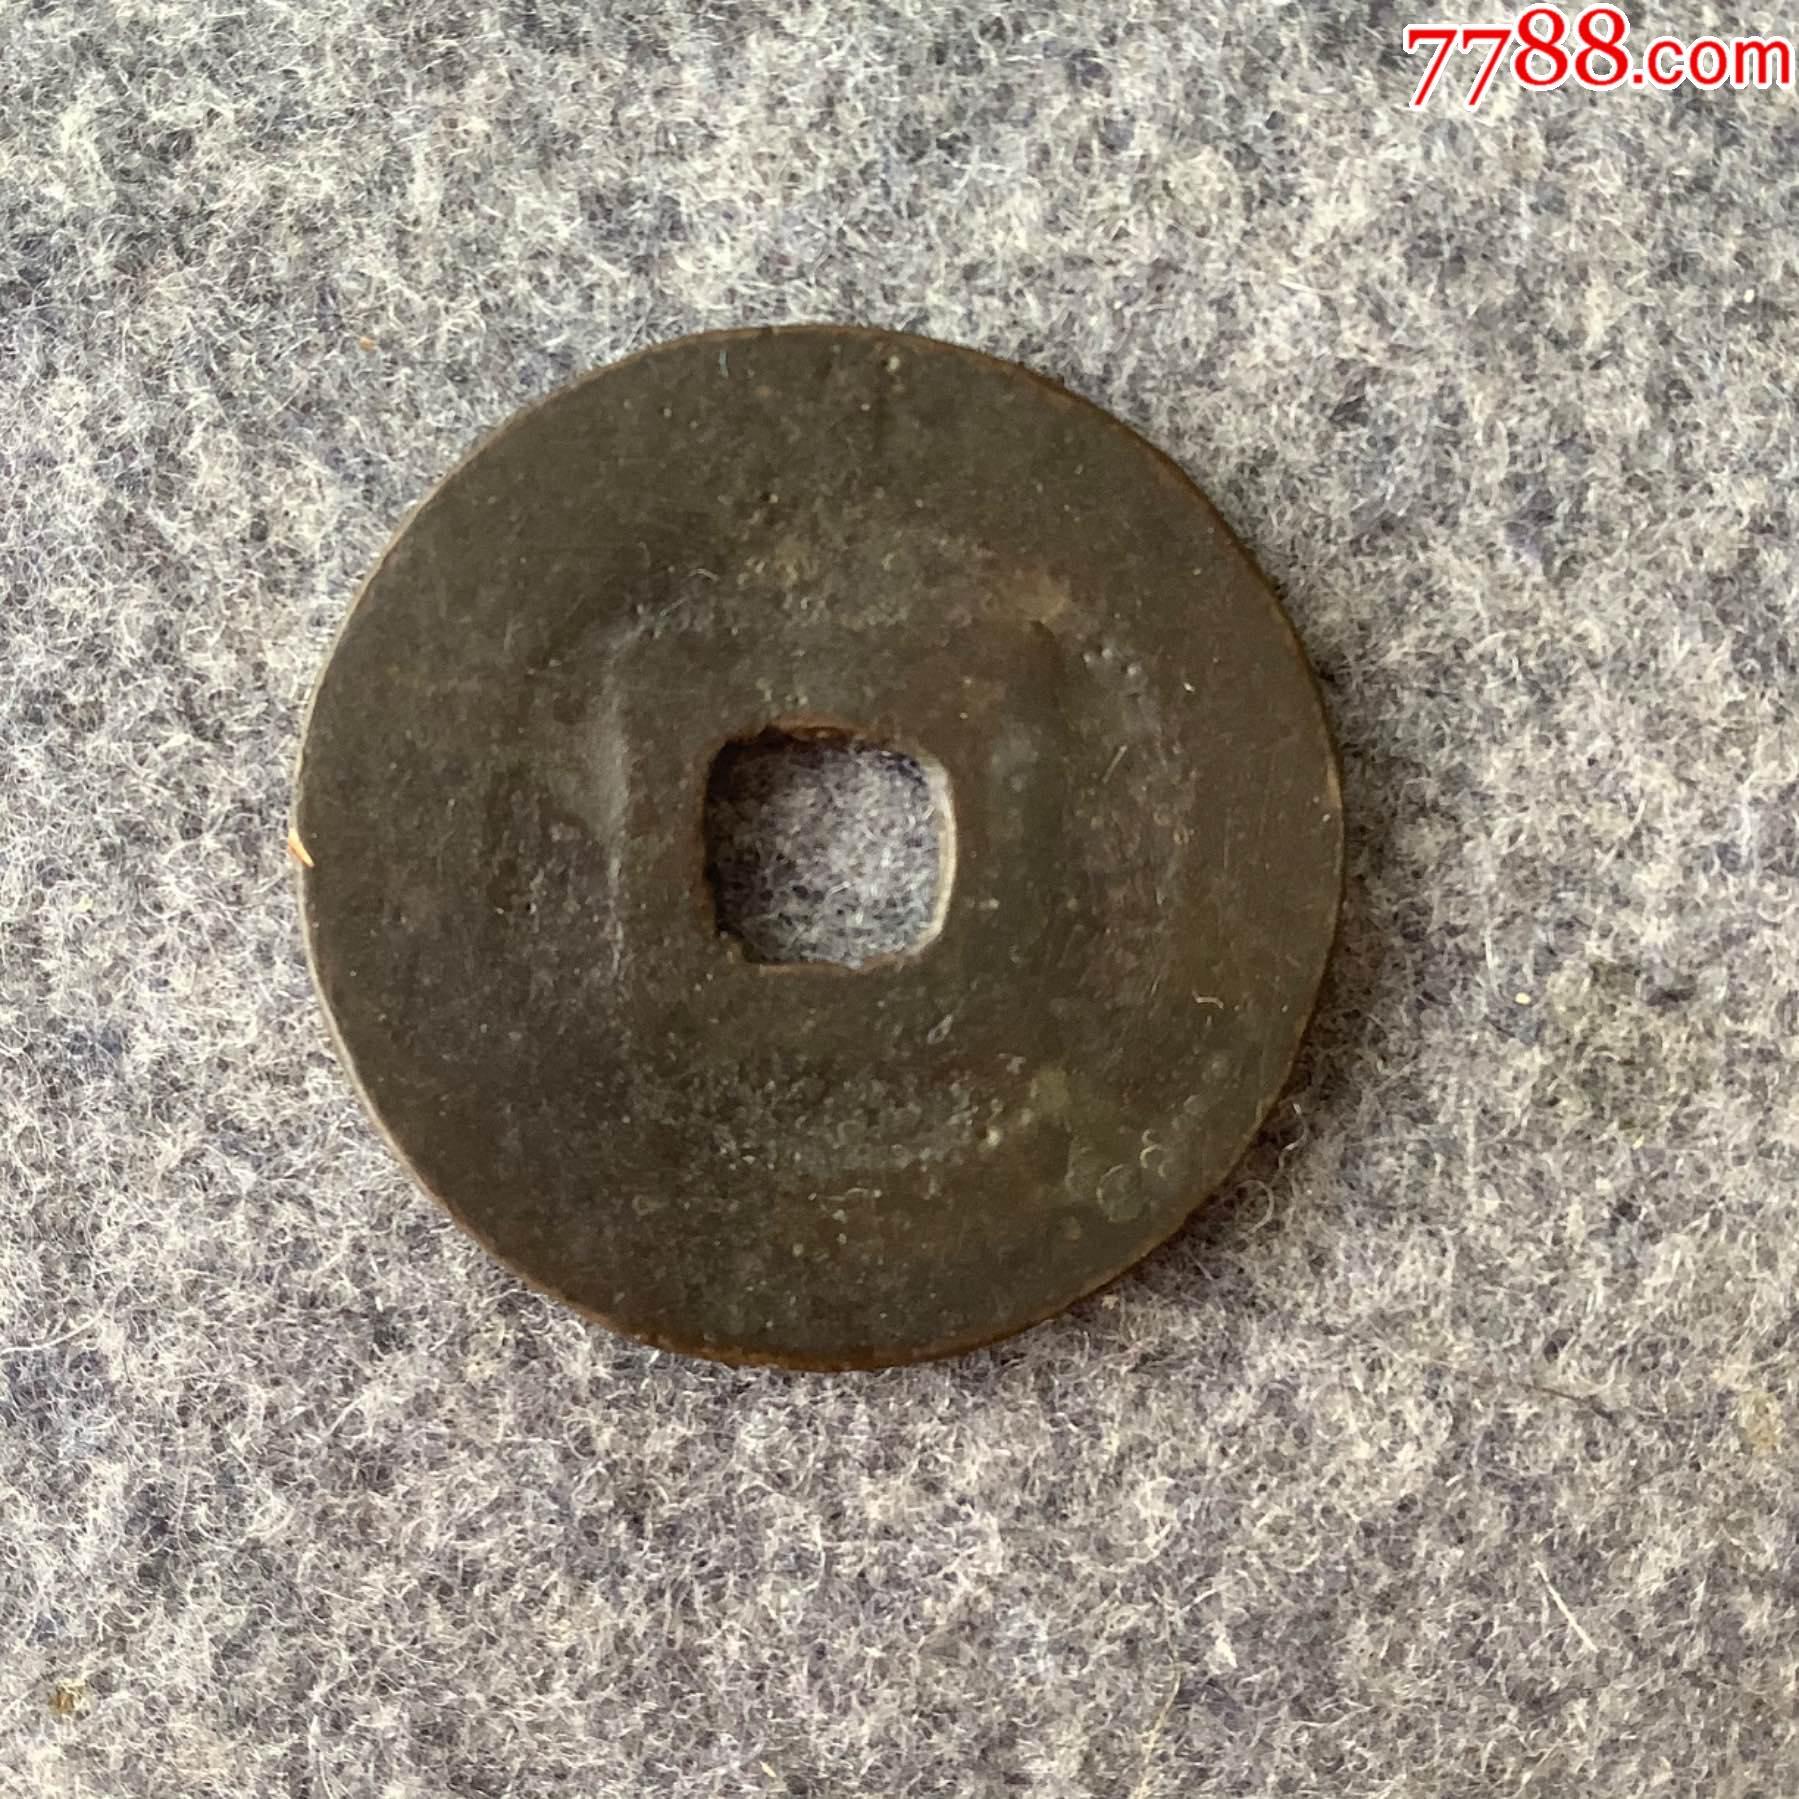 篆书永历通宝,径28mm,重6.36g,传世包浆._价格419元_第2张_